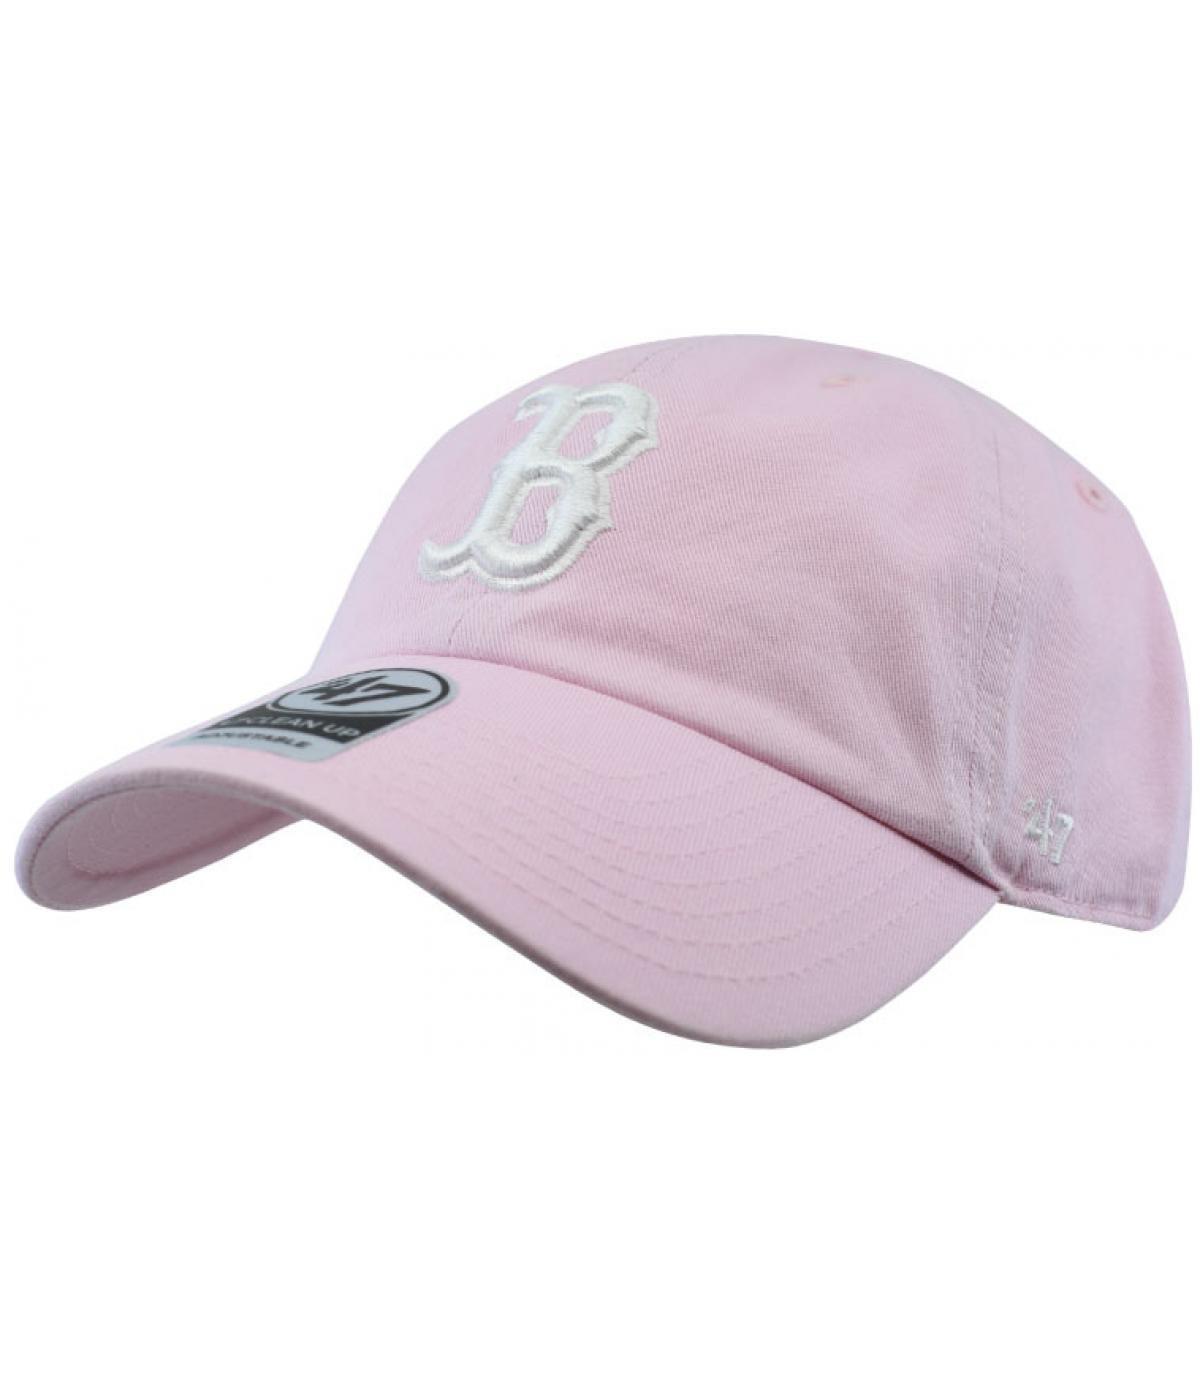 casquette Boston rose pâle